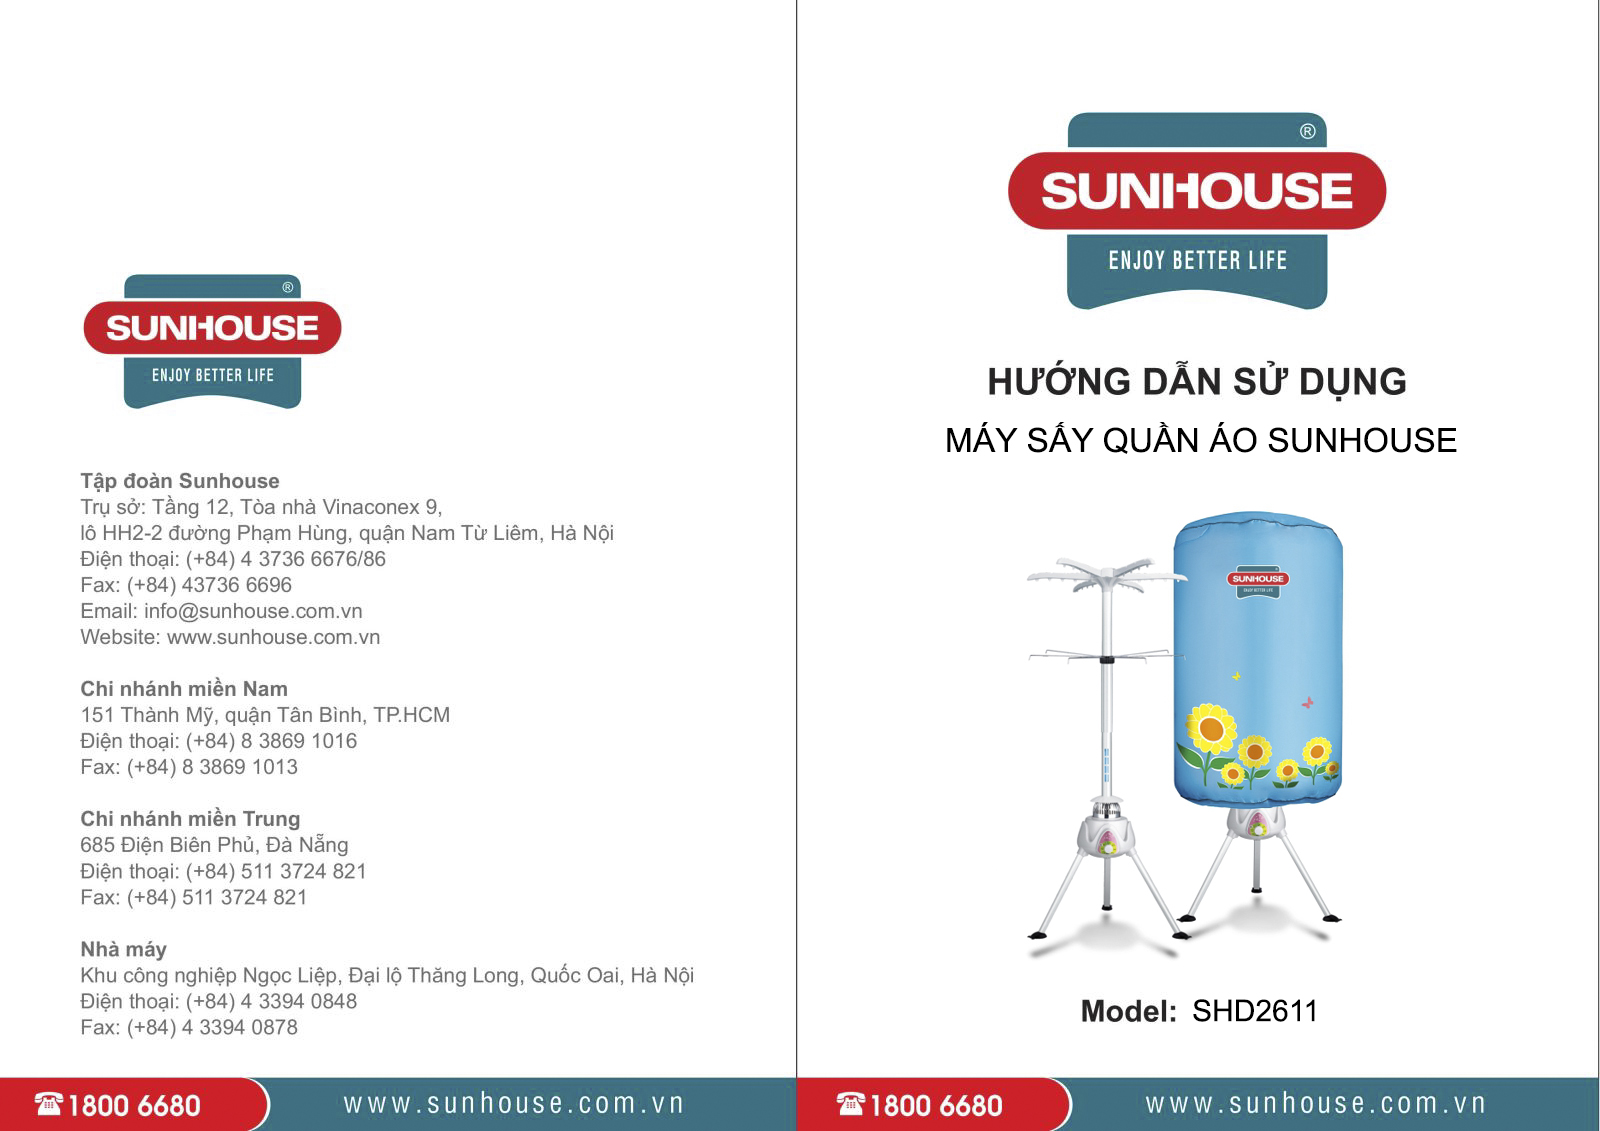 Máy sấy quần áo Sunhouse SHD2611 cùng sách hướng dẫn